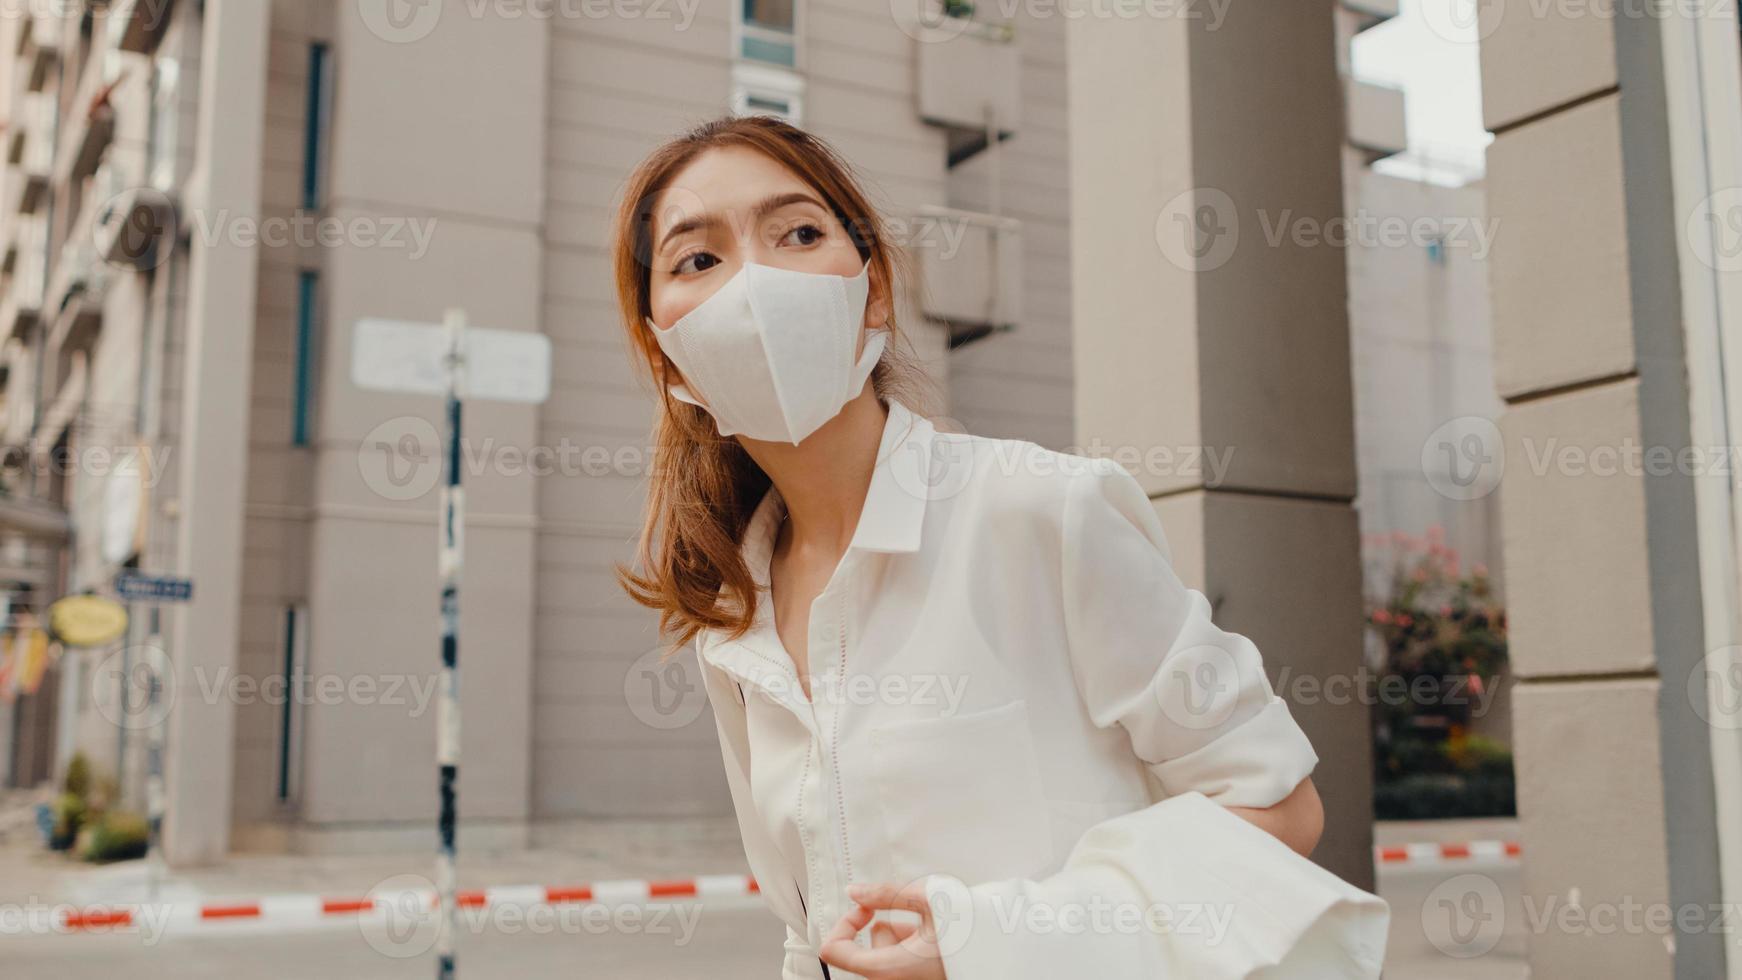 Exitosa empresaria asiática joven en ropa de oficina de moda usa mascarilla médica caminando sola al aire libre en la ciudad moderna urbana en la mañana. pandemia de brote de covid-19, concepto de negocio en movimiento. foto